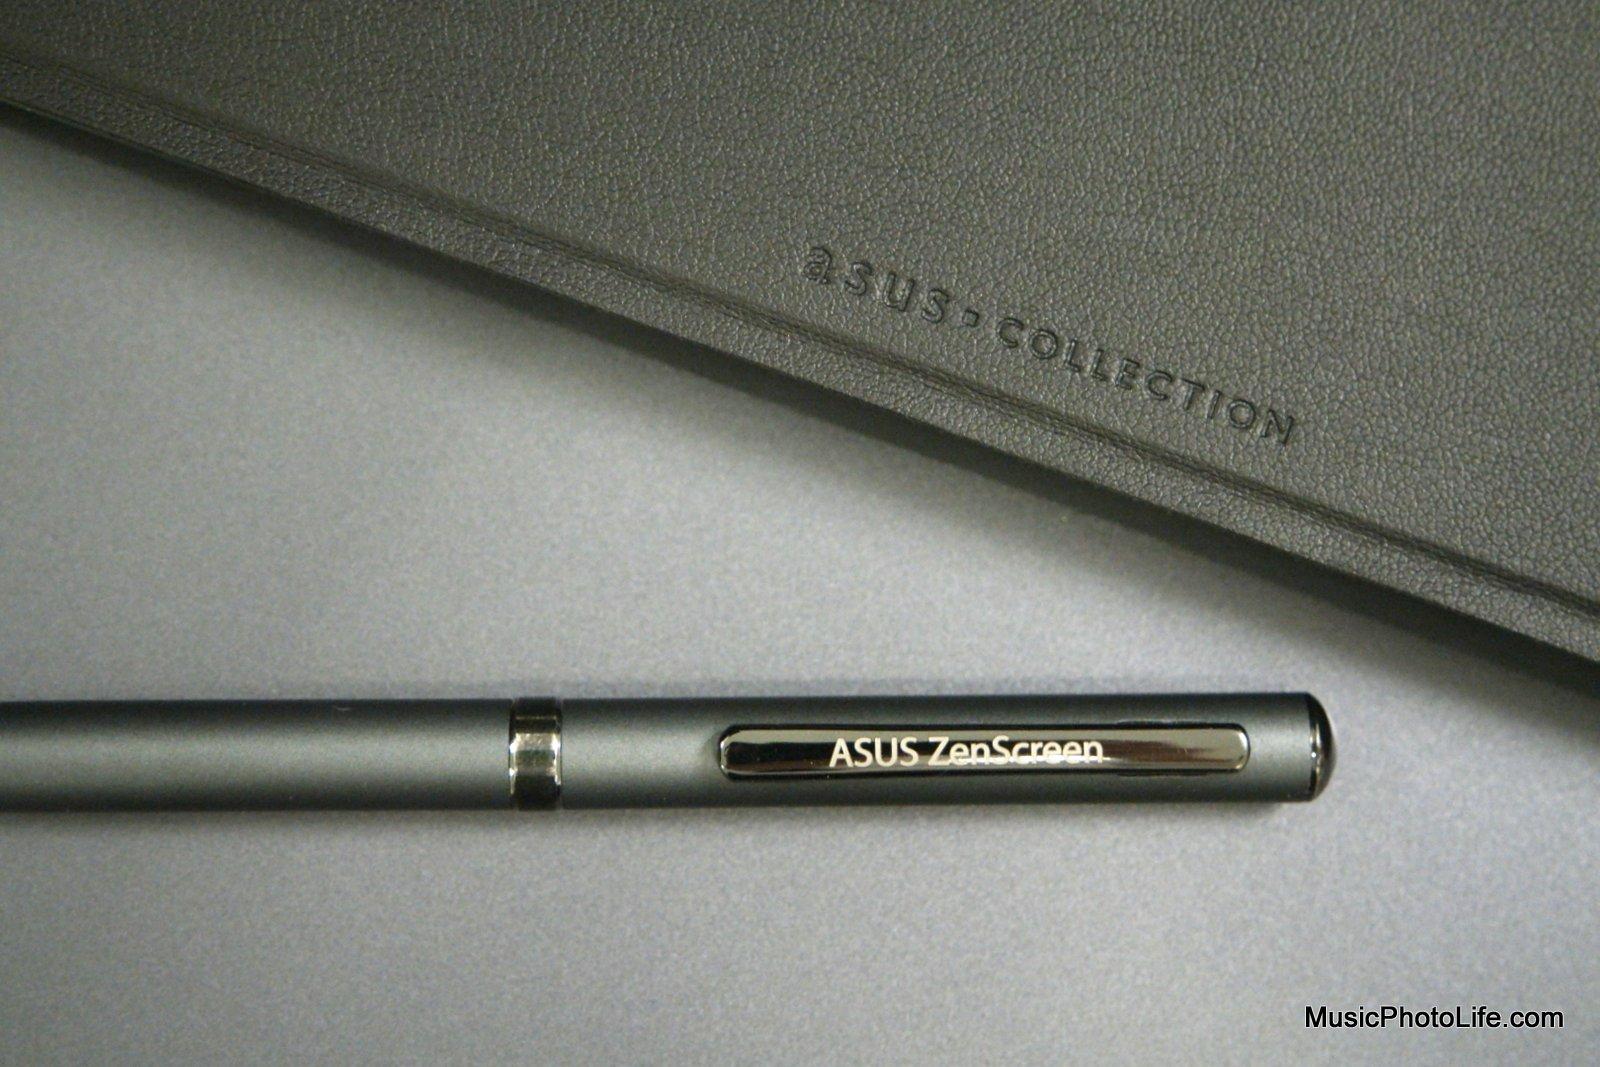 ASUS ZenScreen MB16AC portable USB monitor close up of the smart case and ZenScreen pen